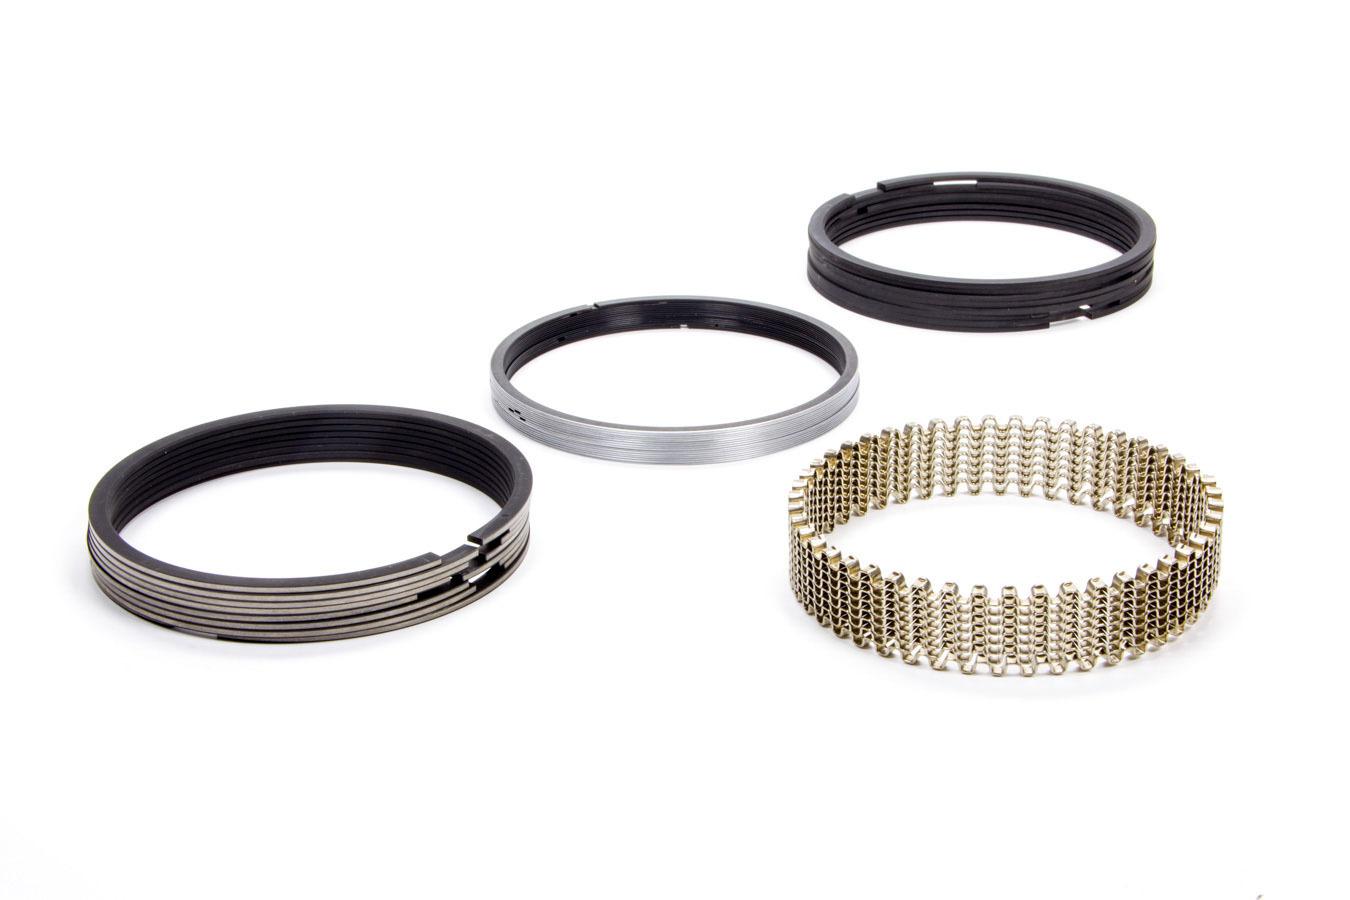 Piston Ring Set 4.155 5/64 5/64 3/16